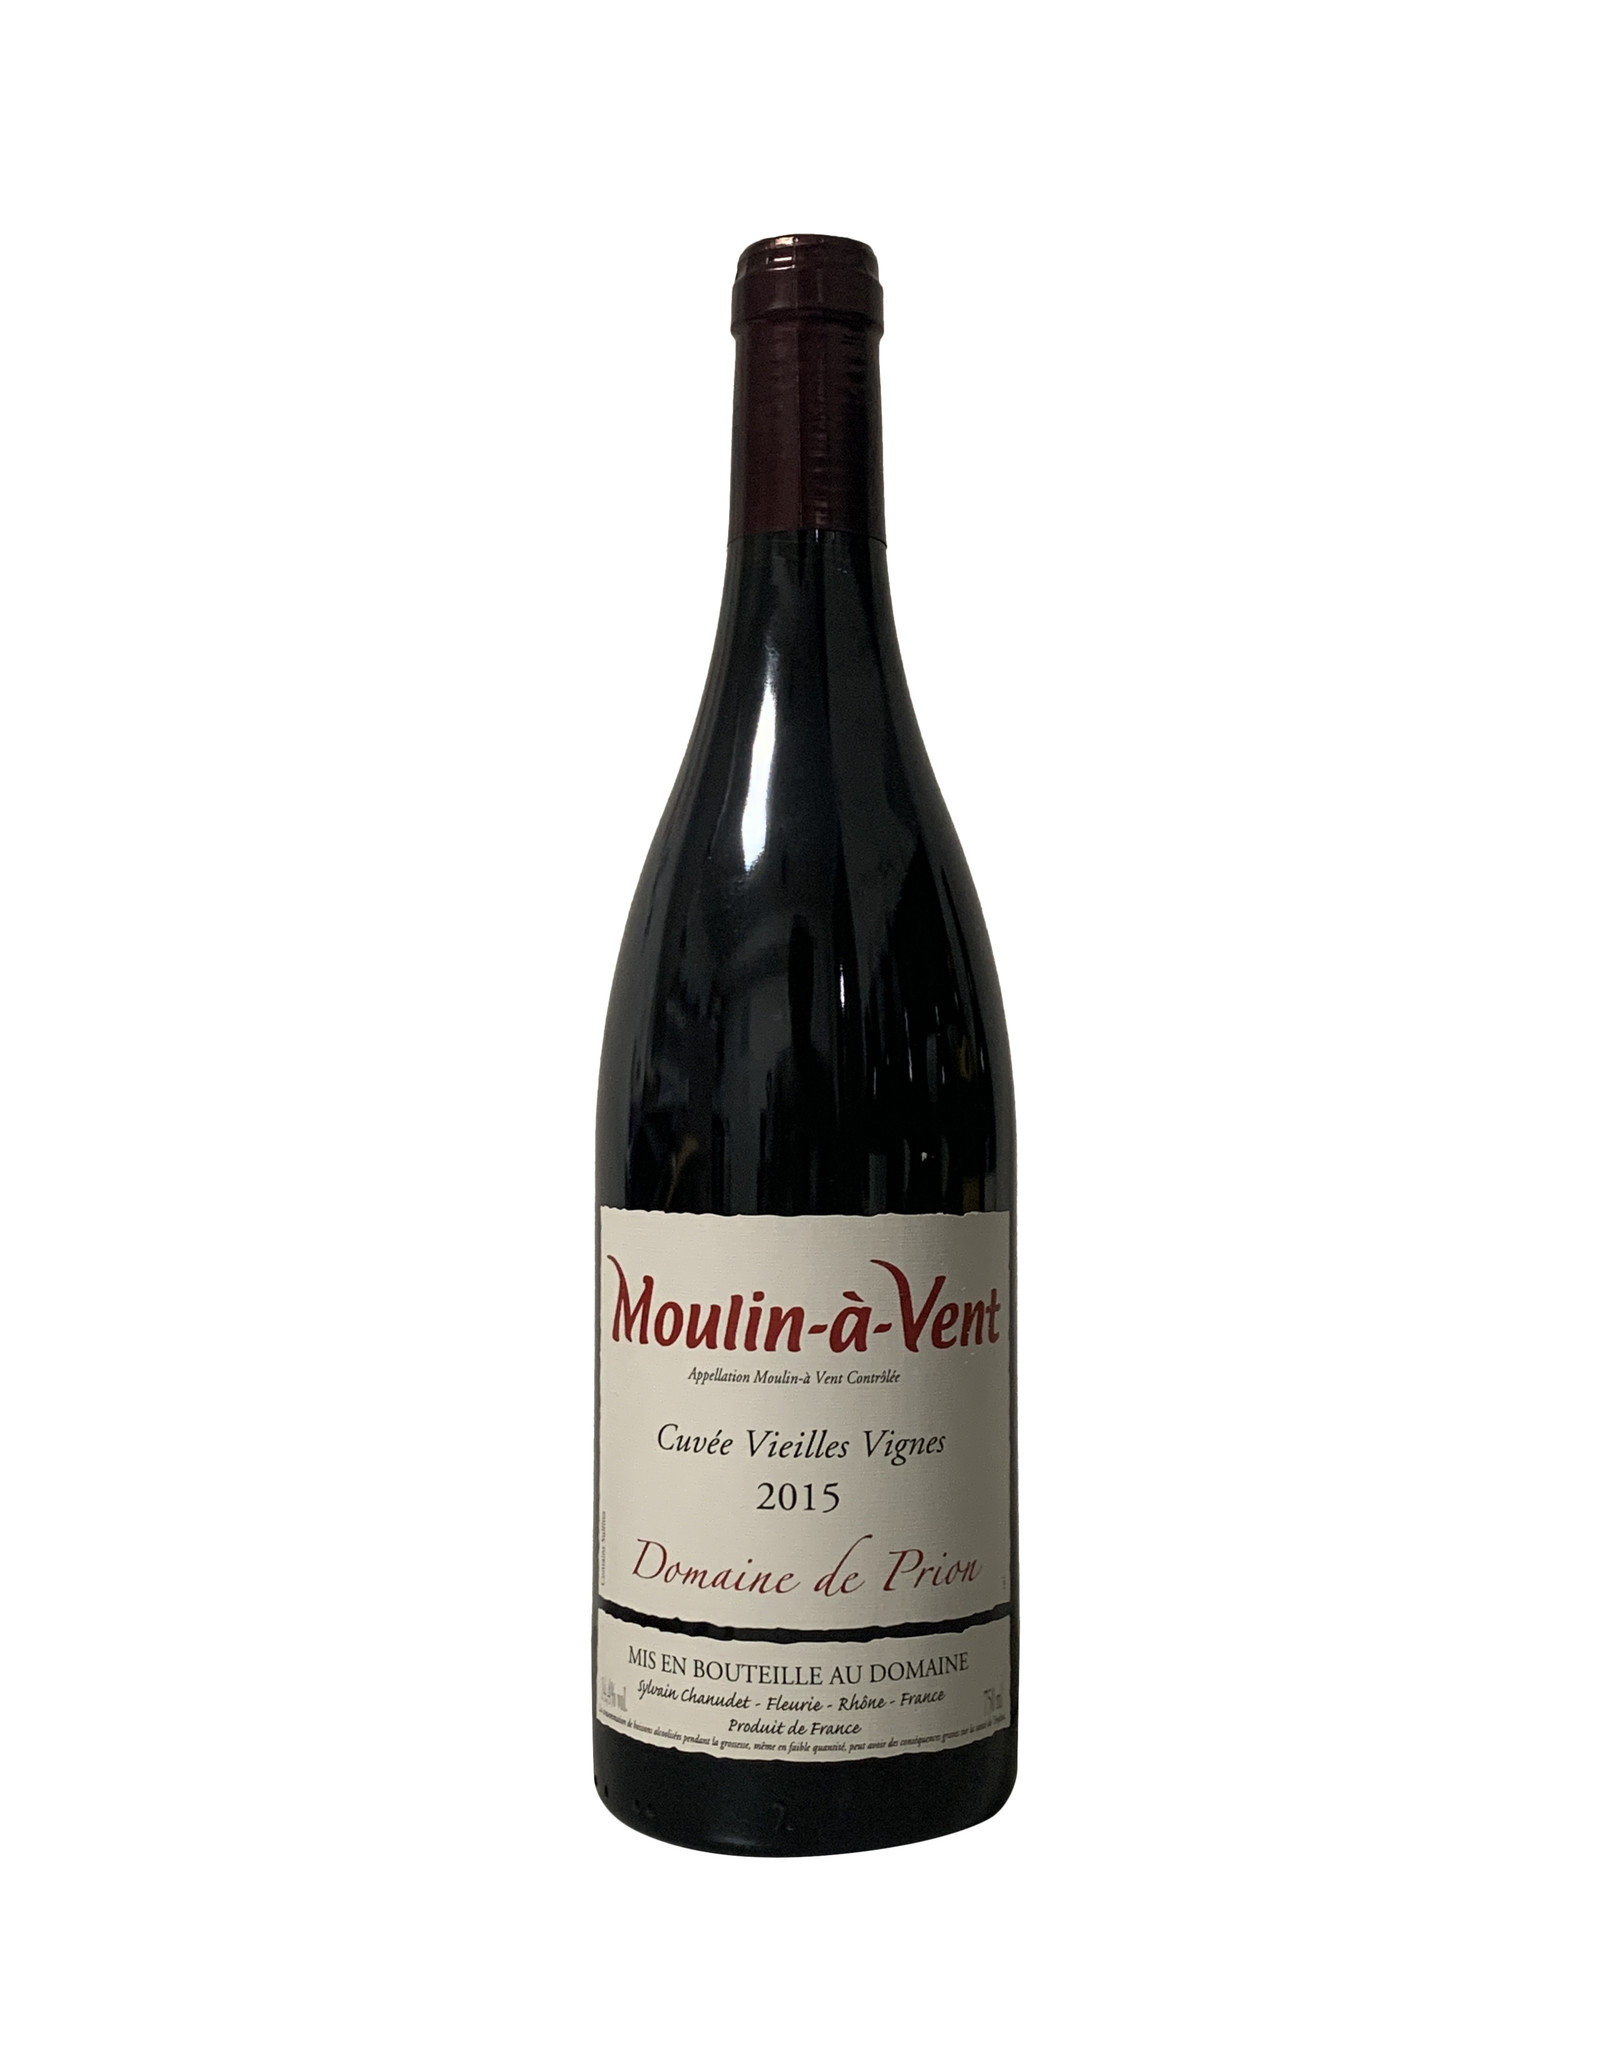 Domaine de Prion Domaine de Prion Moulin-à-Vent Cuvée Vieilles Vignes 2015, Burgundy, France (750mL)